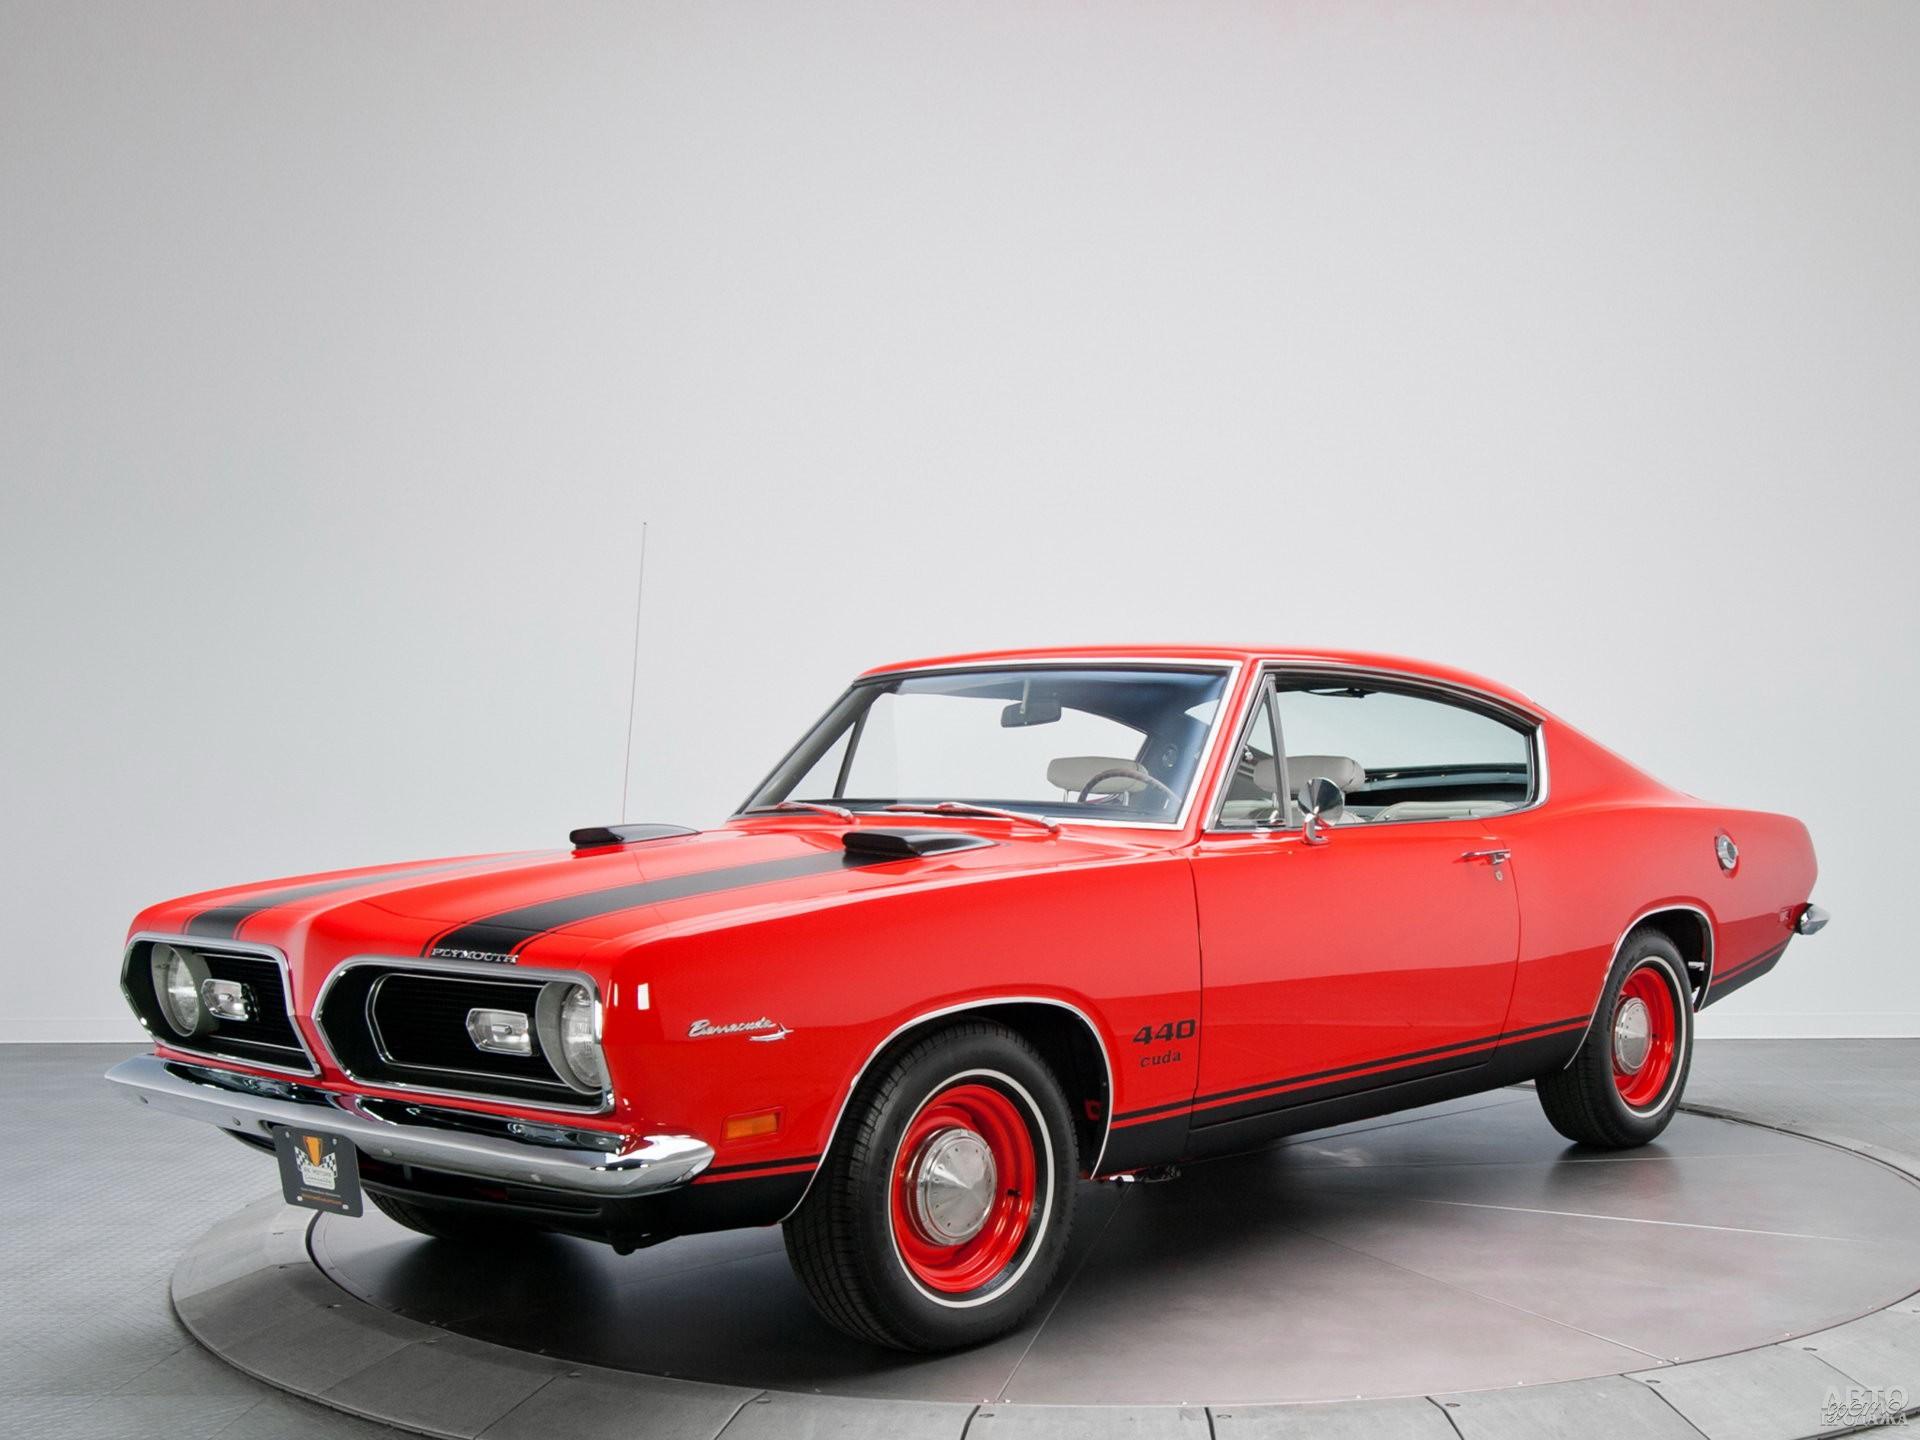 В 1969 году Plymouth_Barracuda получил 7,2-литровый V8